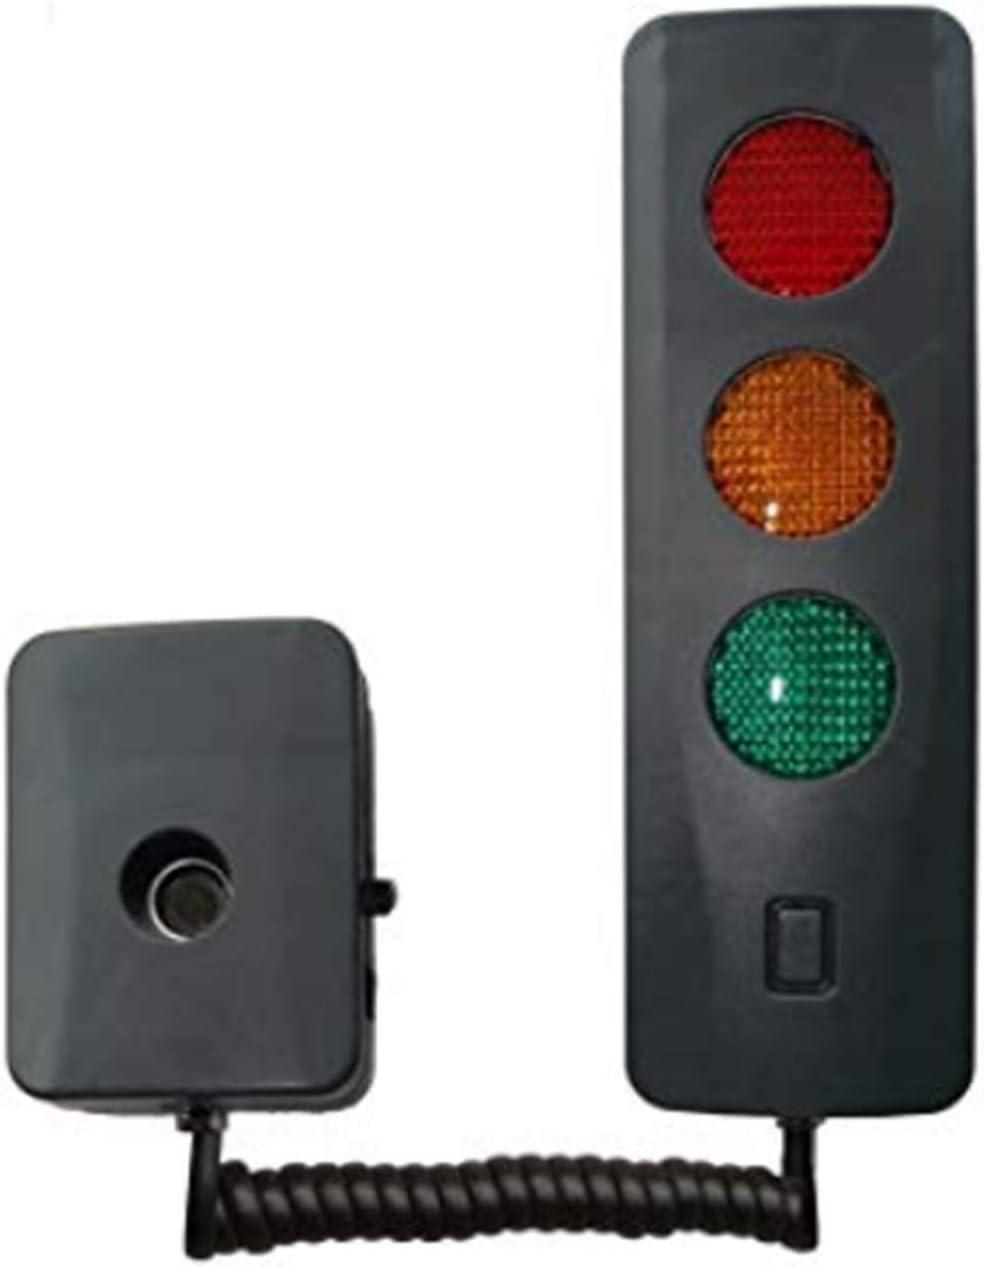 Mrcartool Parking Aid System for Garage Car Park Assist Sensor System Smart Parking Aid Gadget Safe Light Parking System Assist Distance Stop Aid Guide Sensor for Home Garage